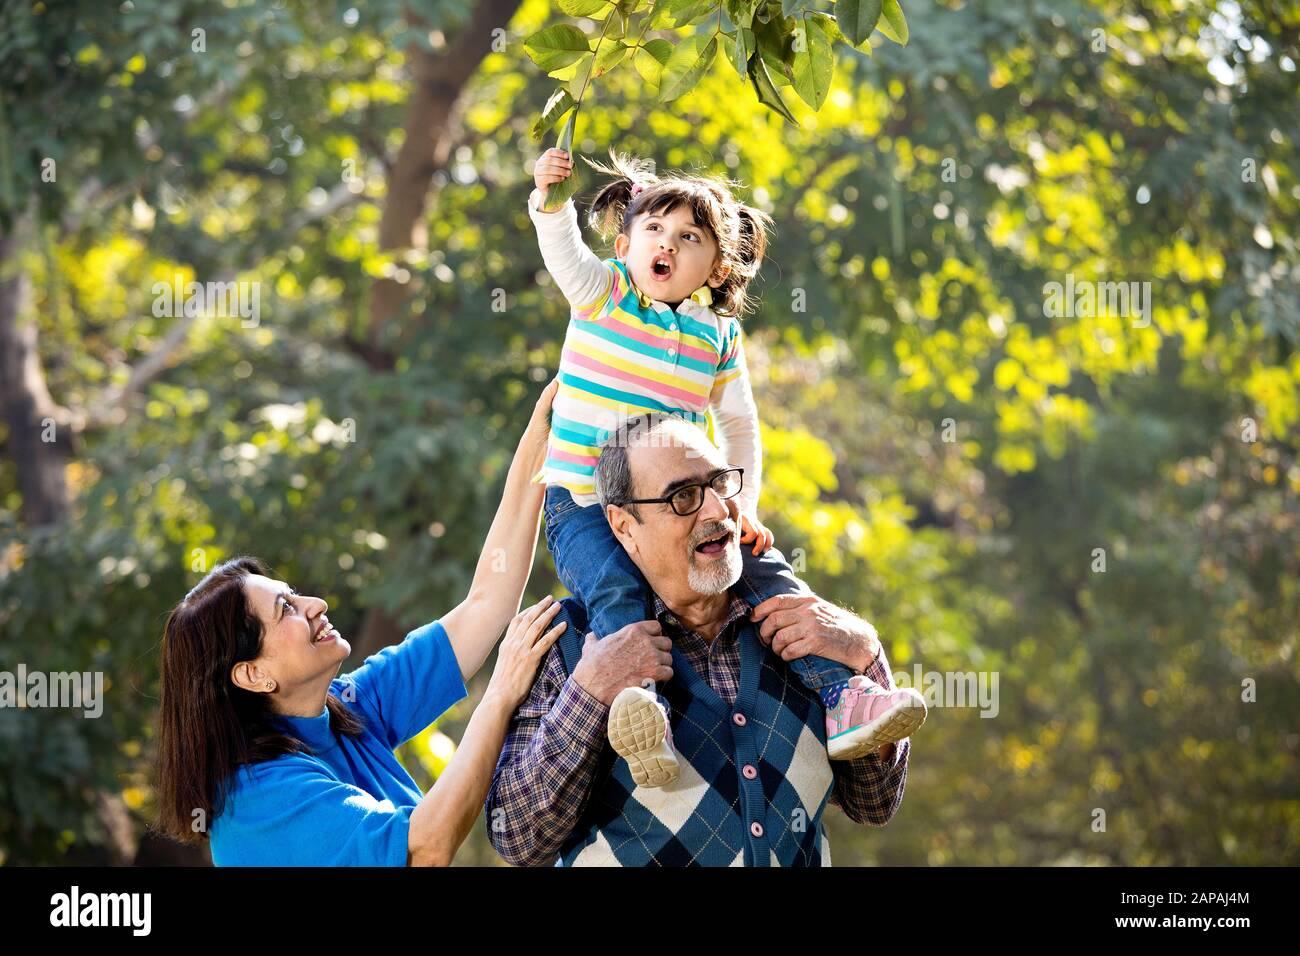 Abuela con nieta sentada en el hombro del abuelo en el parque Foto de stock